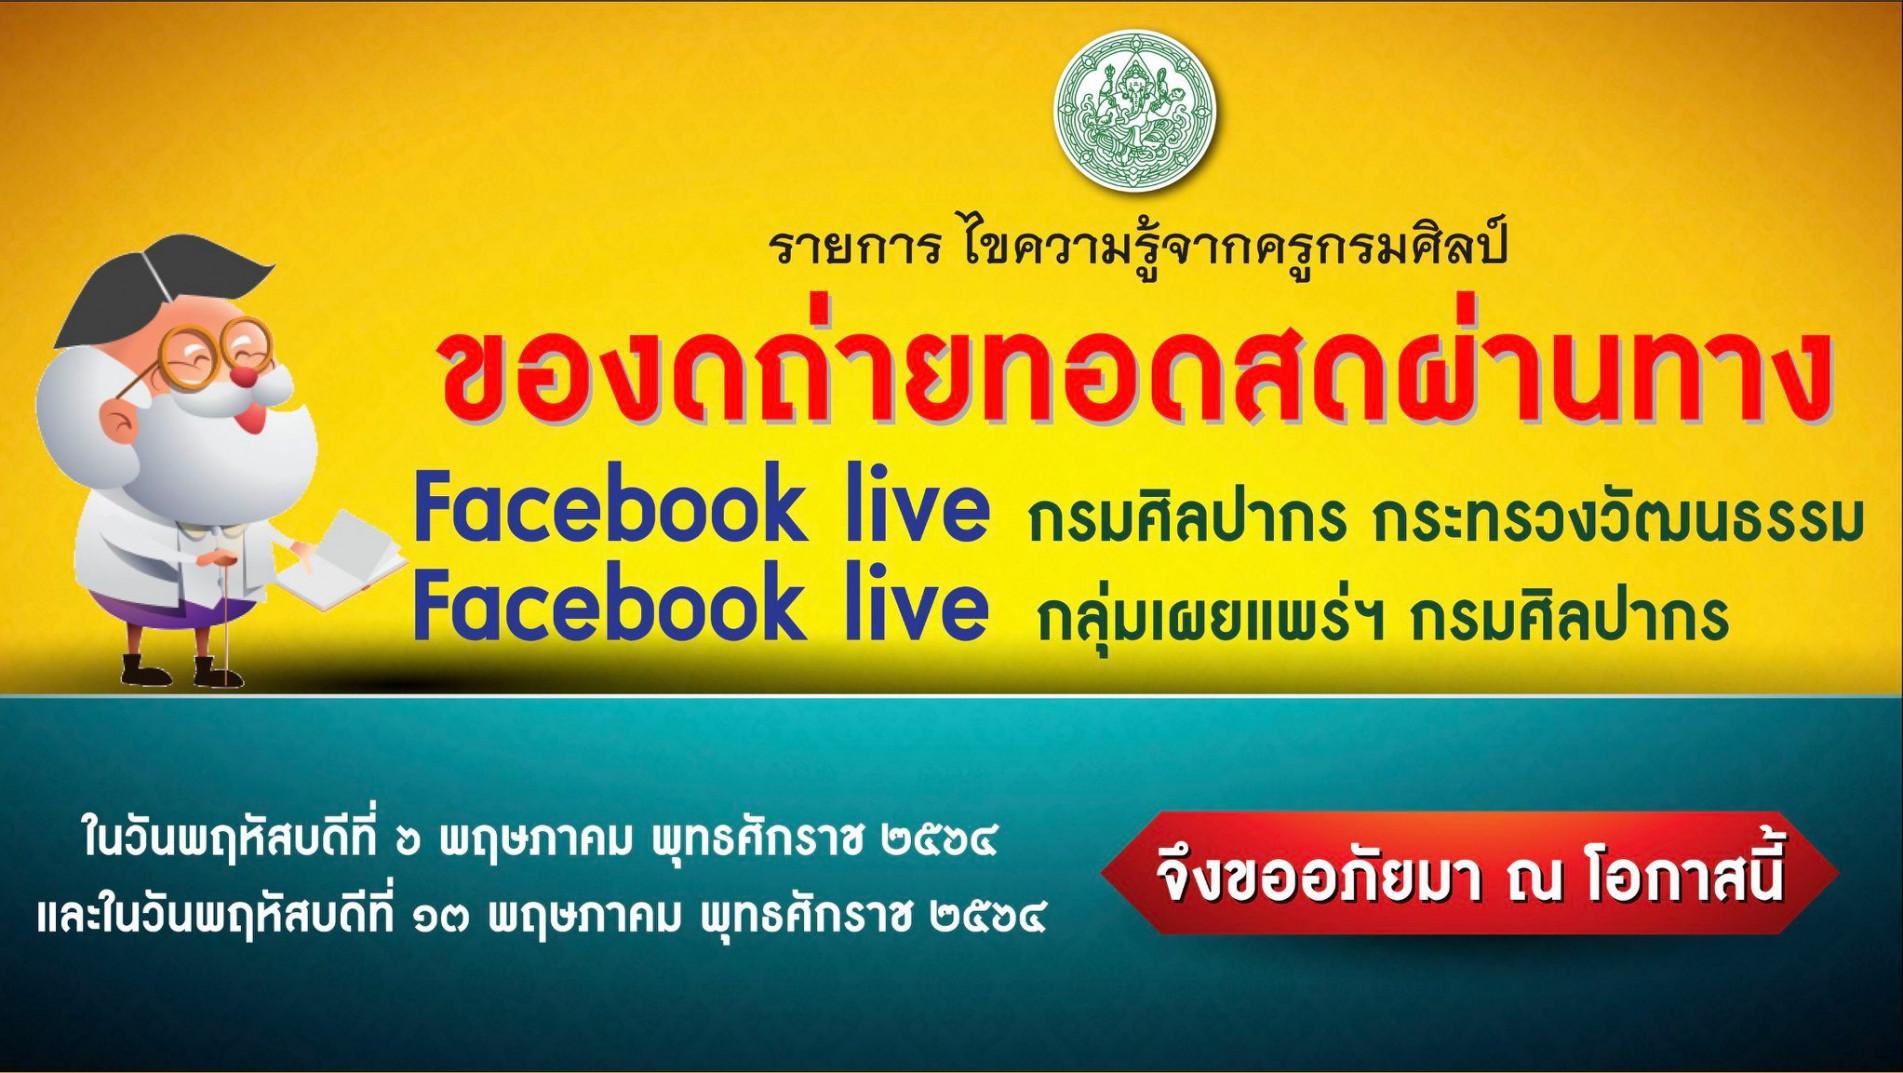 รายการ ไขความรู้จาก..ครูกรมศิลป์ งดถ่ายทอดสดผ่านทาง Facebook Live